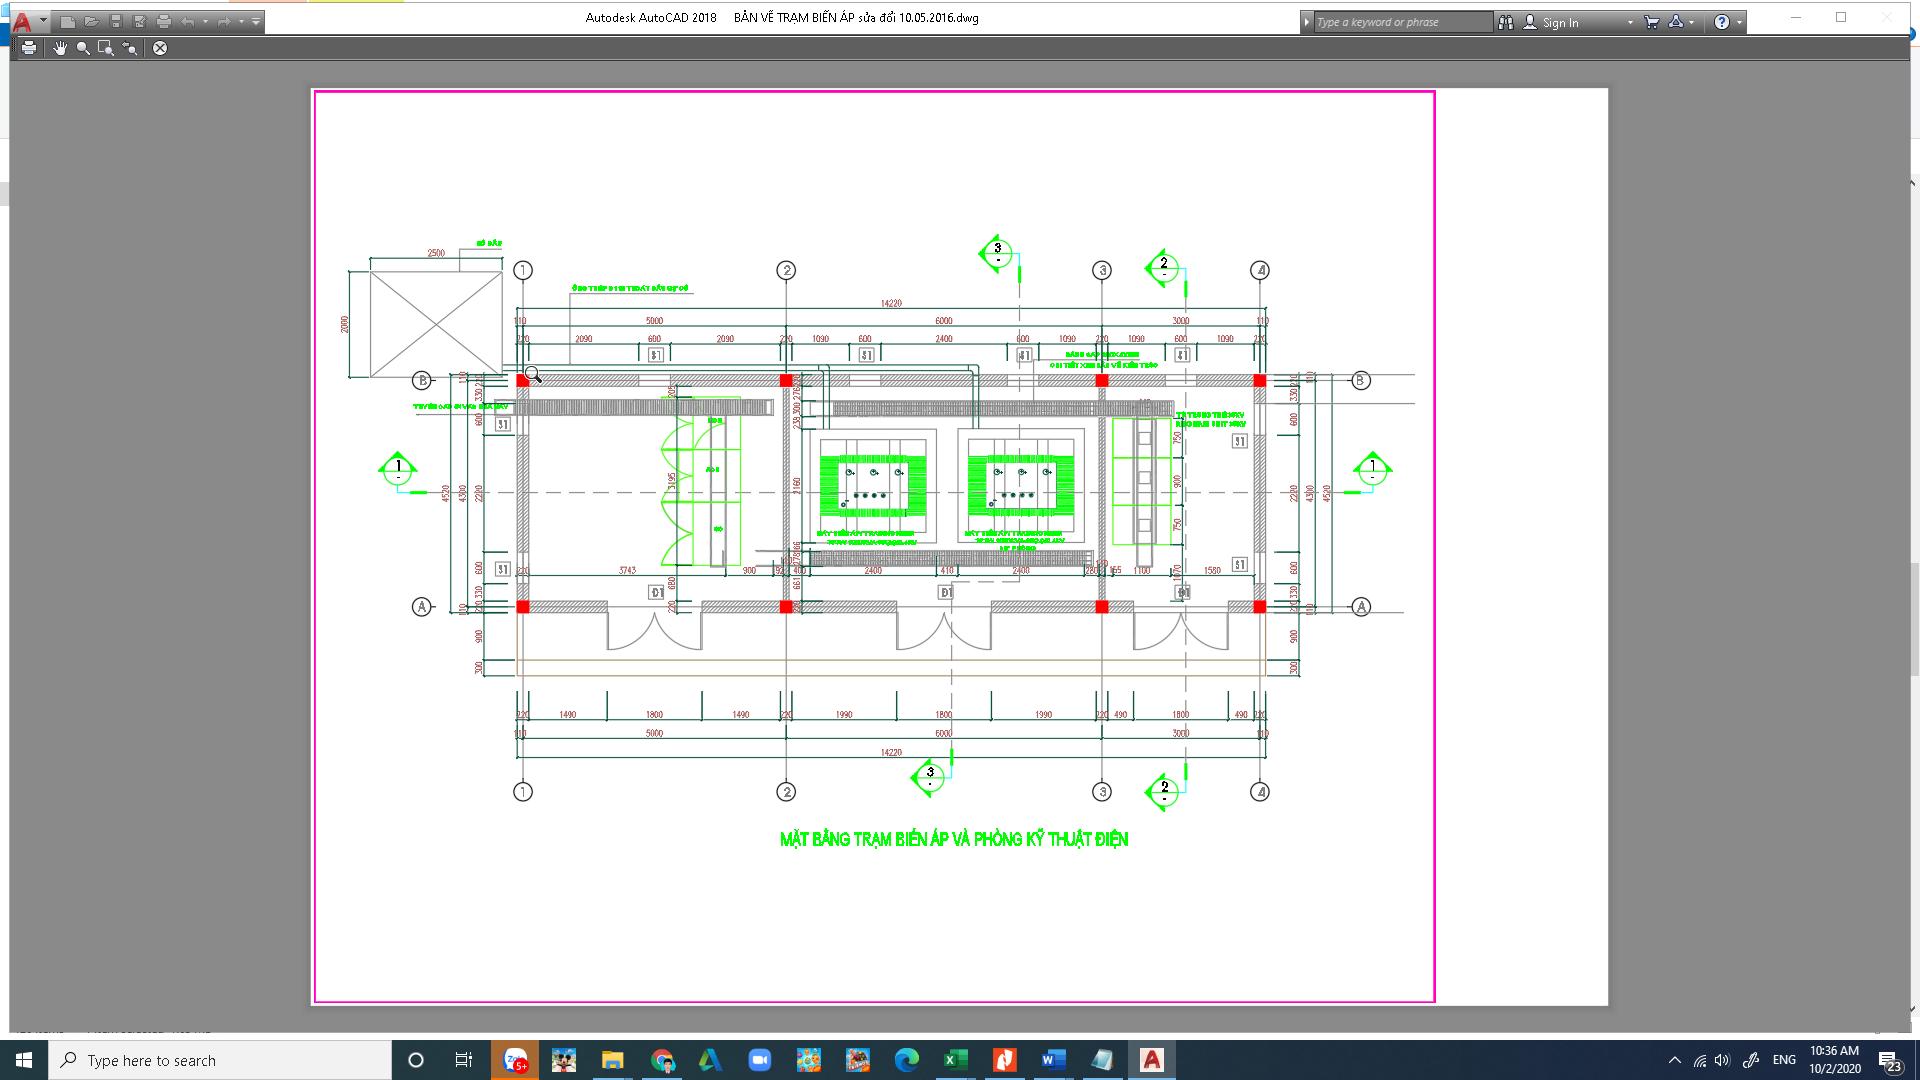 [Tài liệu] Tiêu chuẩn thiết kế hệ thống PCCC dành cho kỹ sư M&E